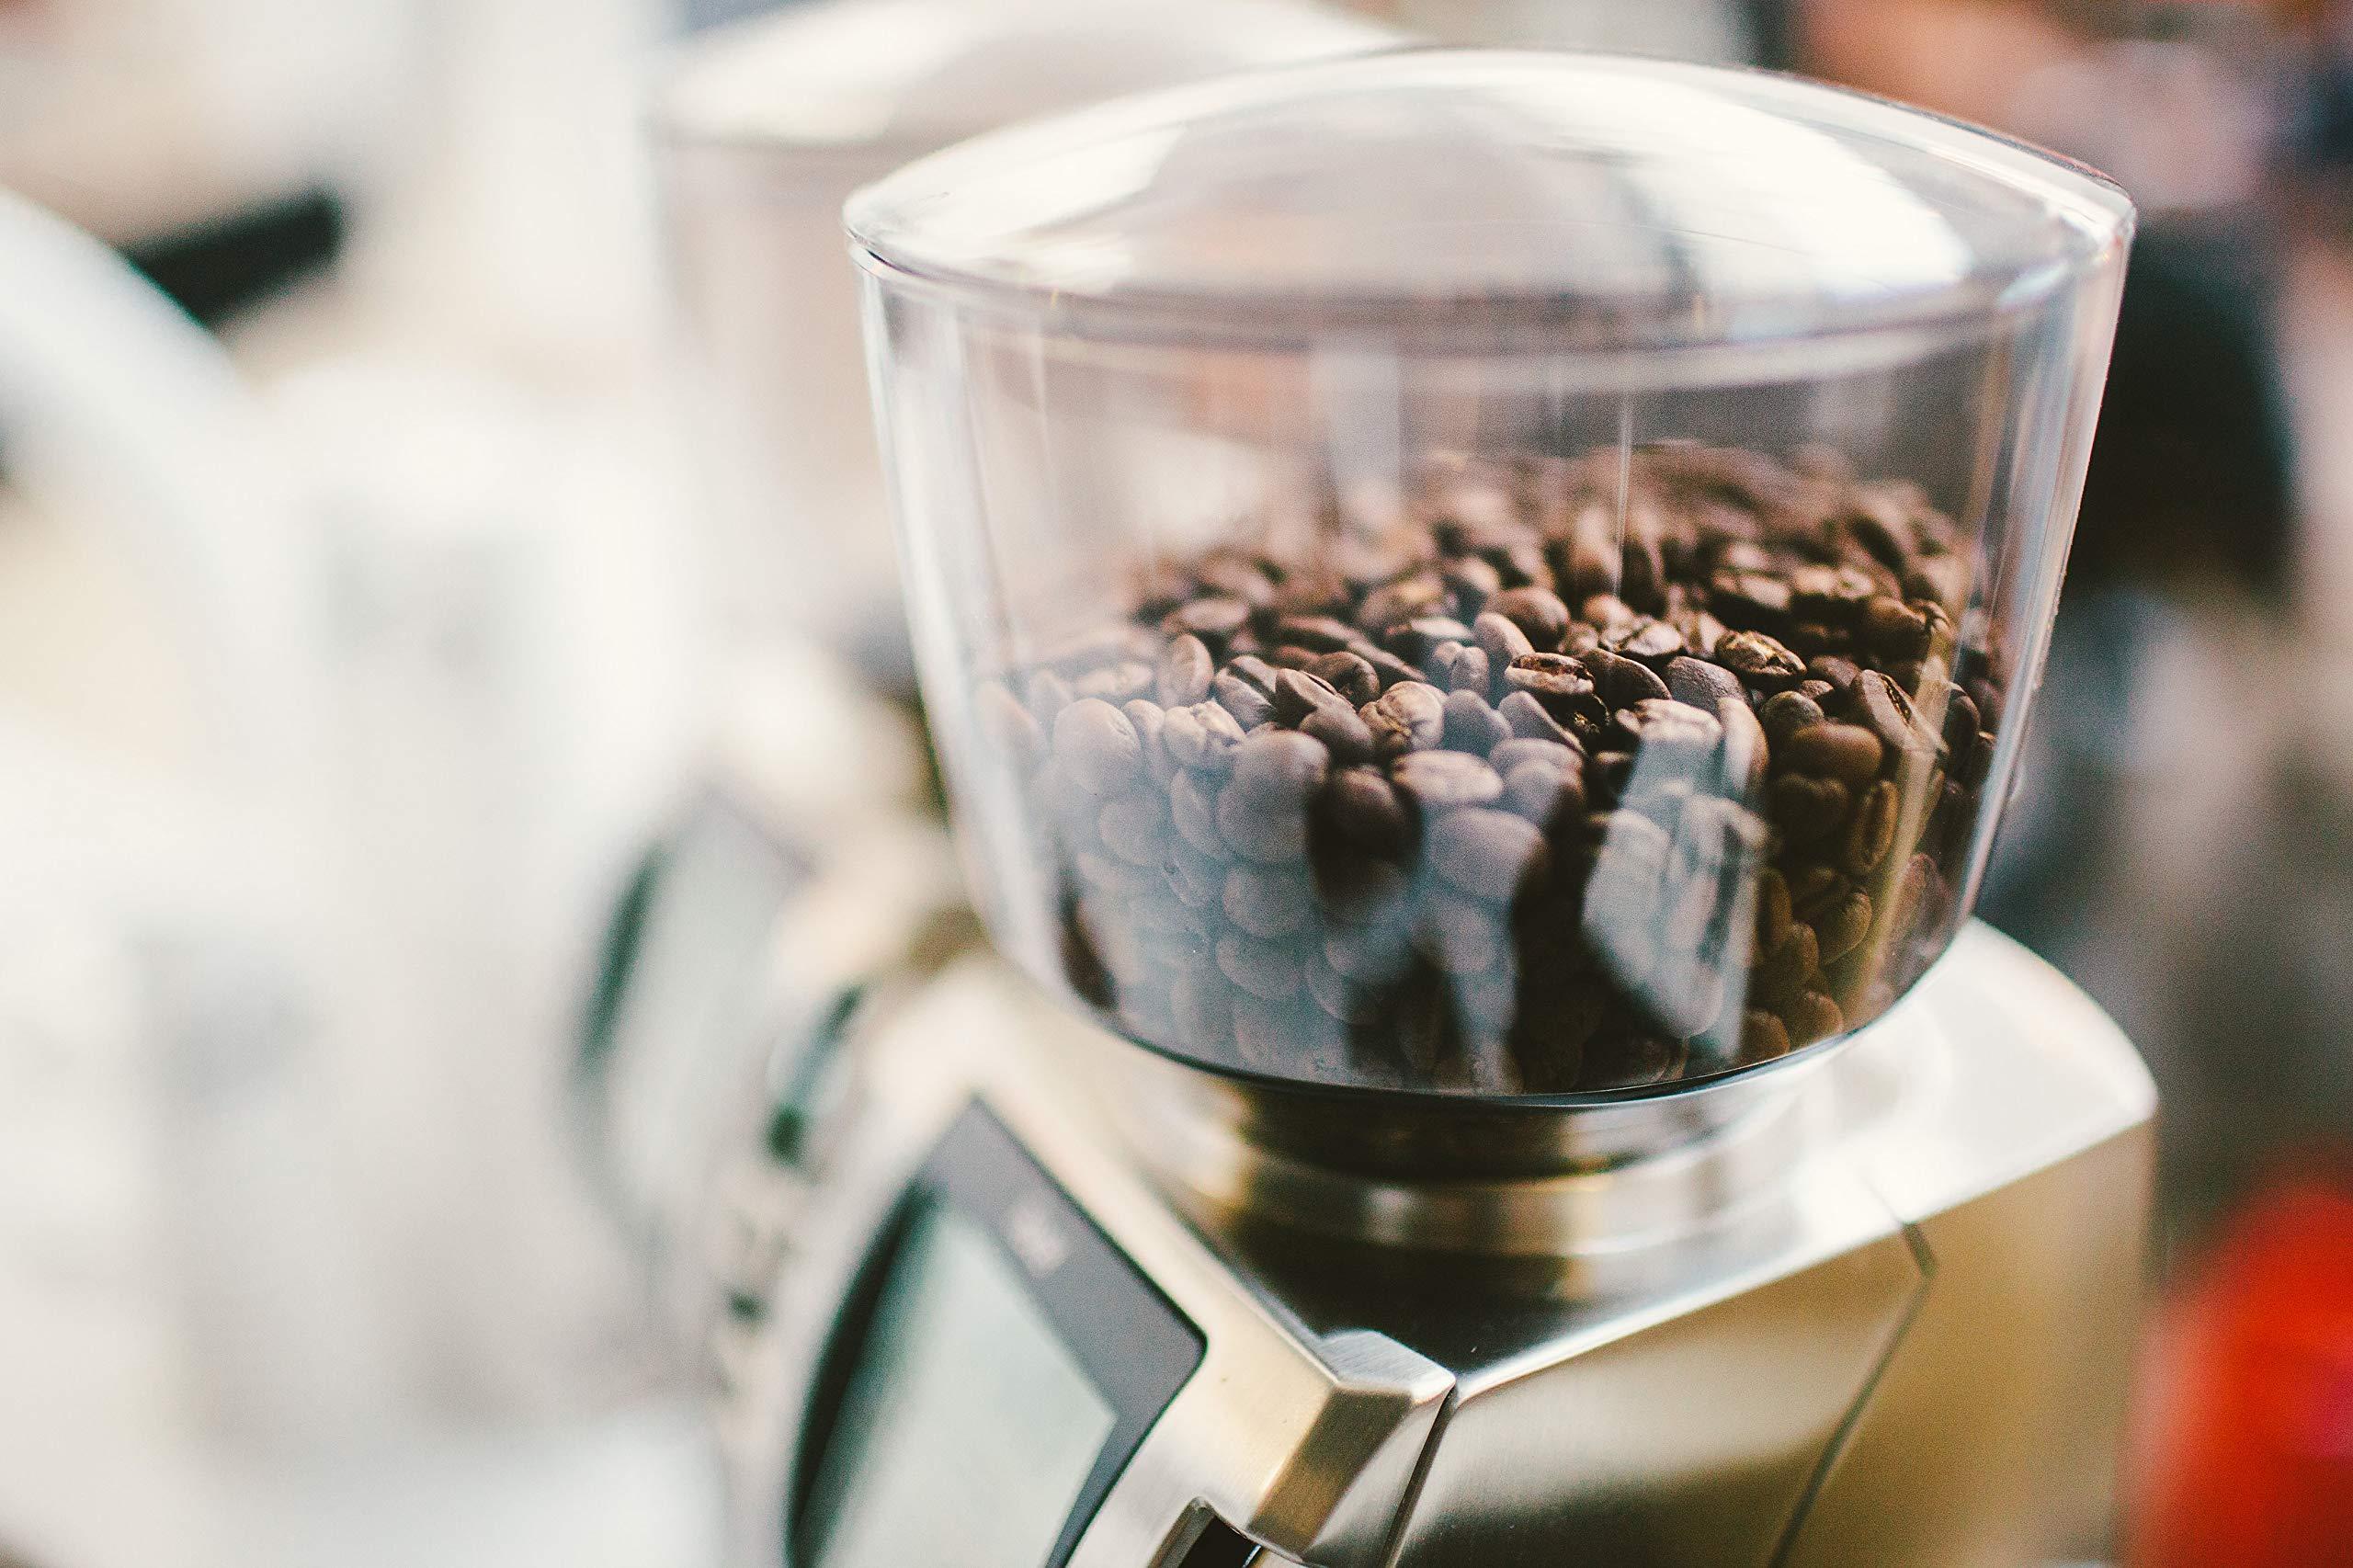 Baratza Forte BG (Brew Grinder) Flat Steel Burr Commercial Coffee Grinder by Baratza